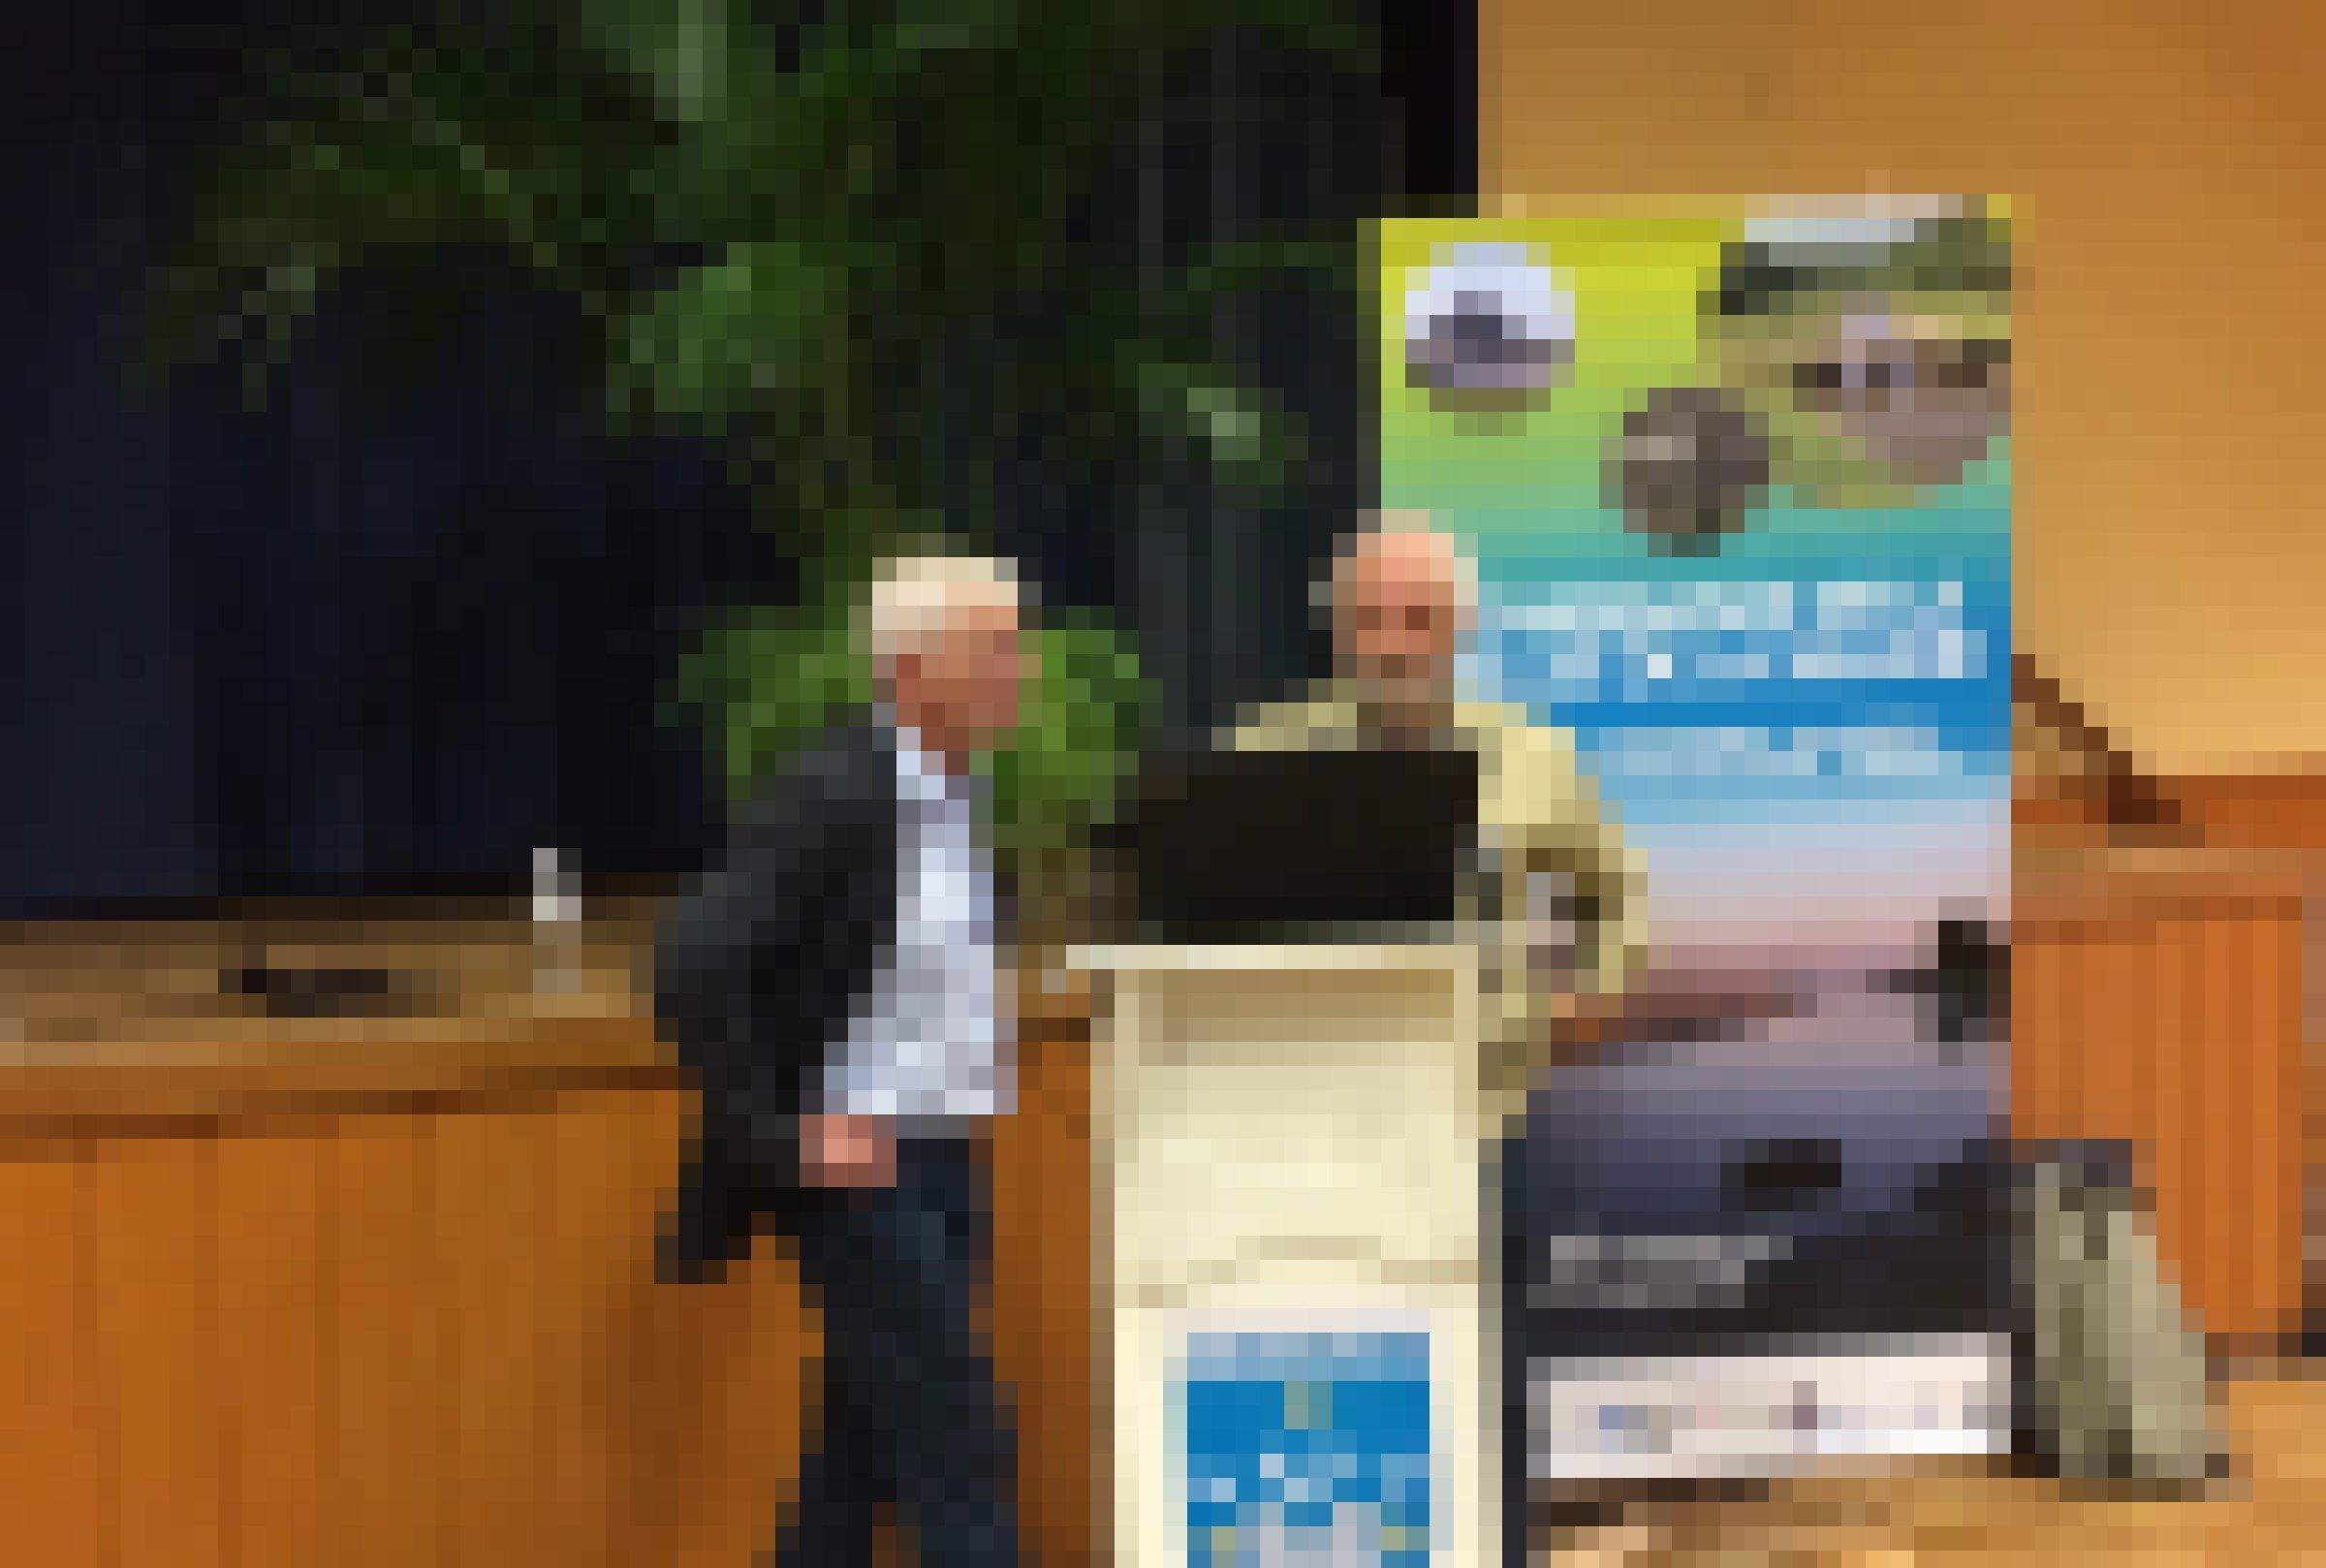 Zwei Männer hinter einem Vortragspult in einem Konferenzsaal